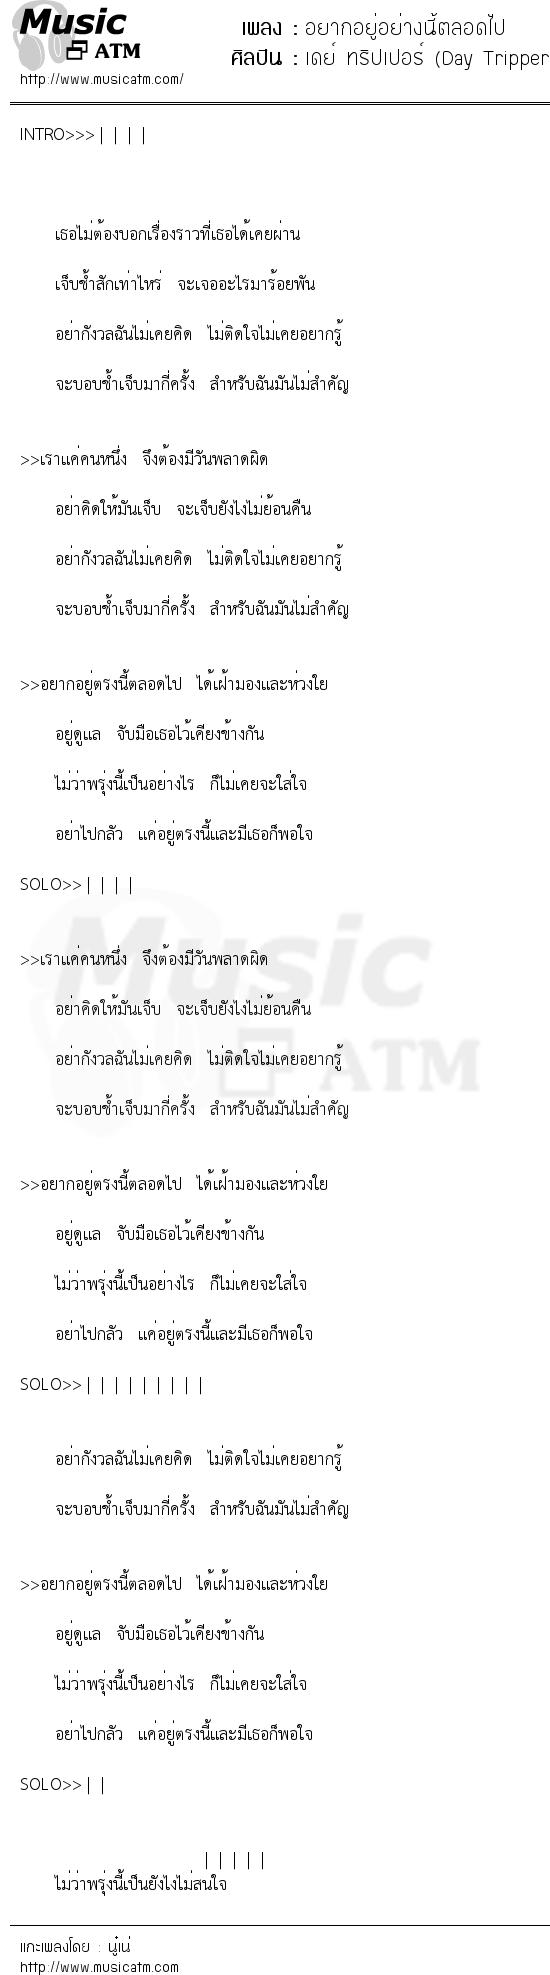 อยากอยู่อย่างนี้ตลอดไป | เพลงไทย